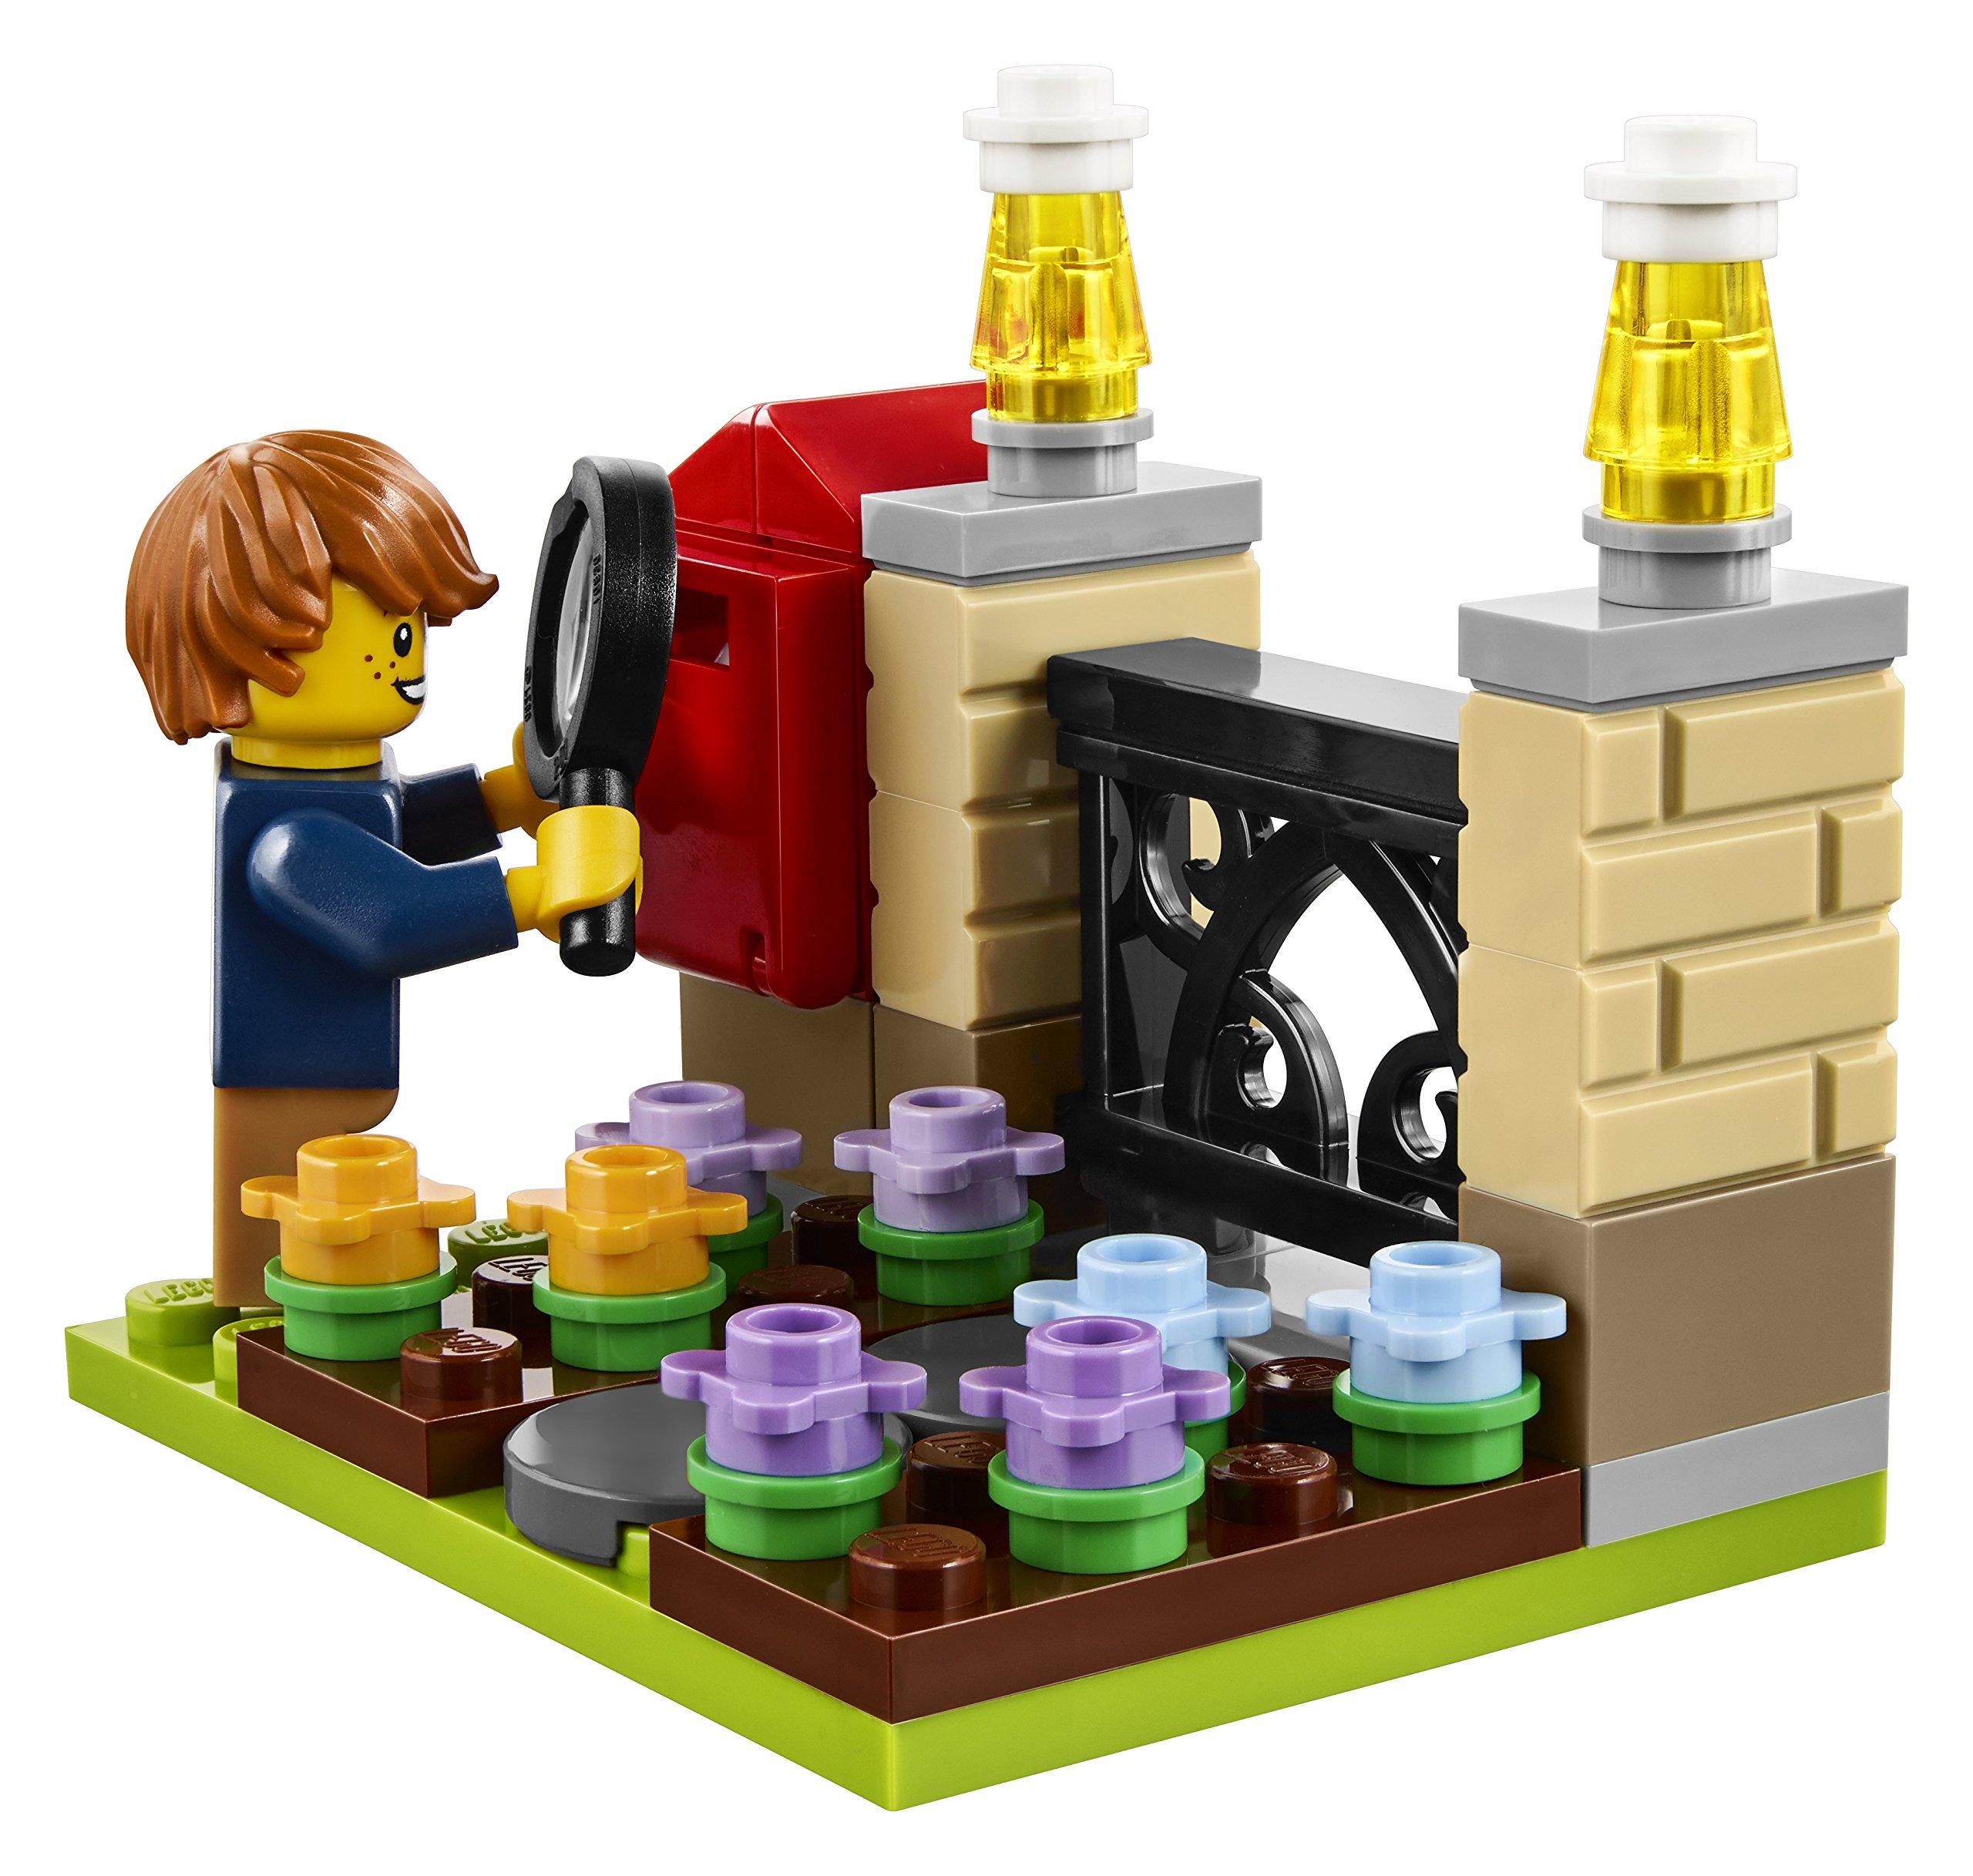 Lego Easter Egg Hunt